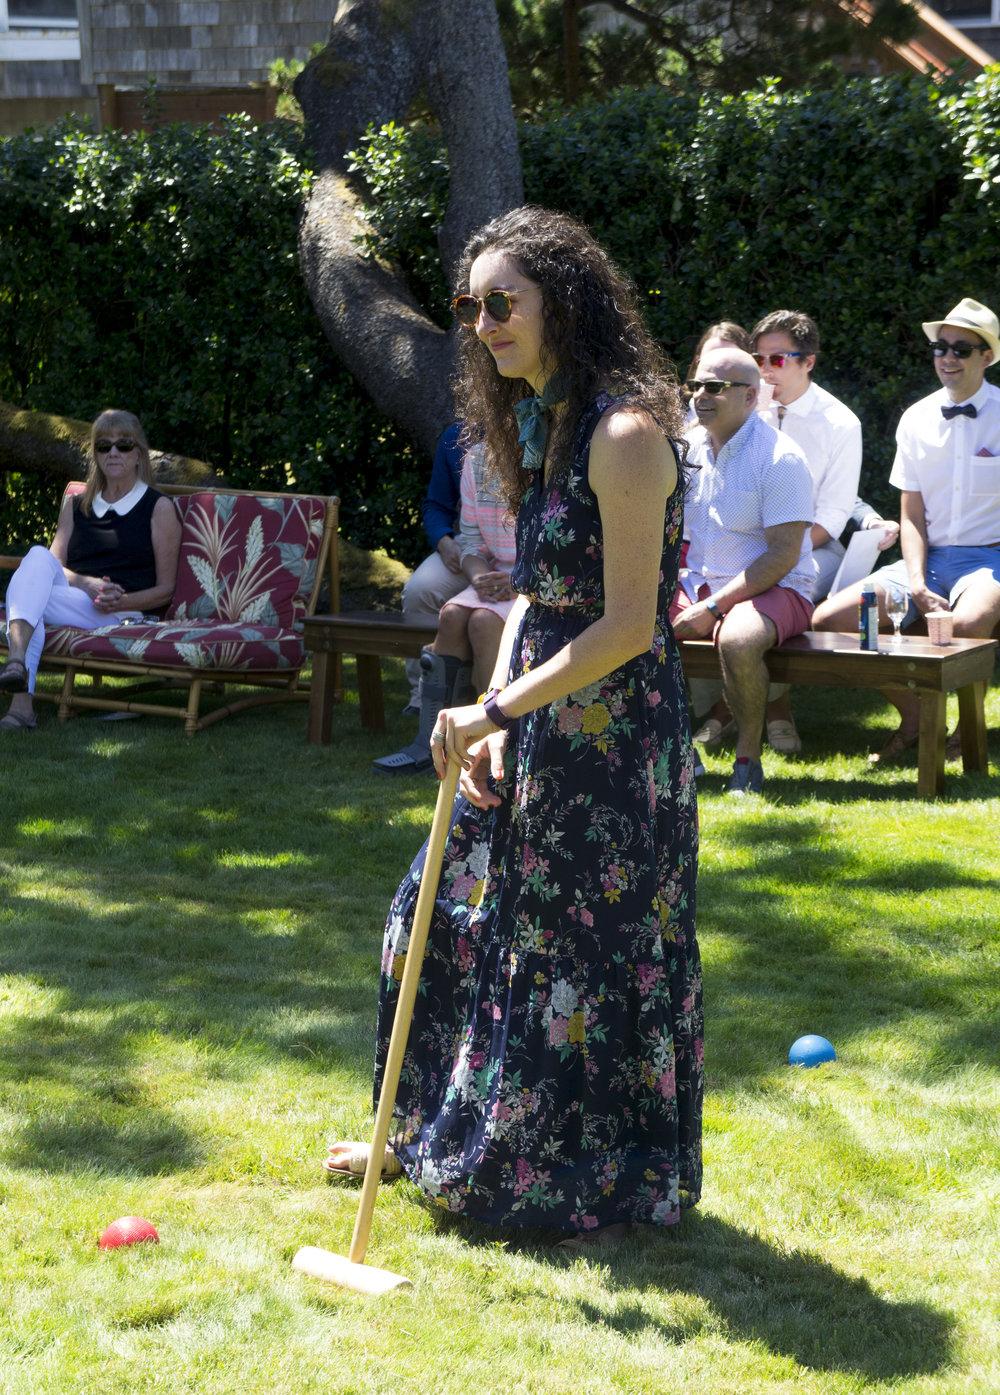 classic croquet attire